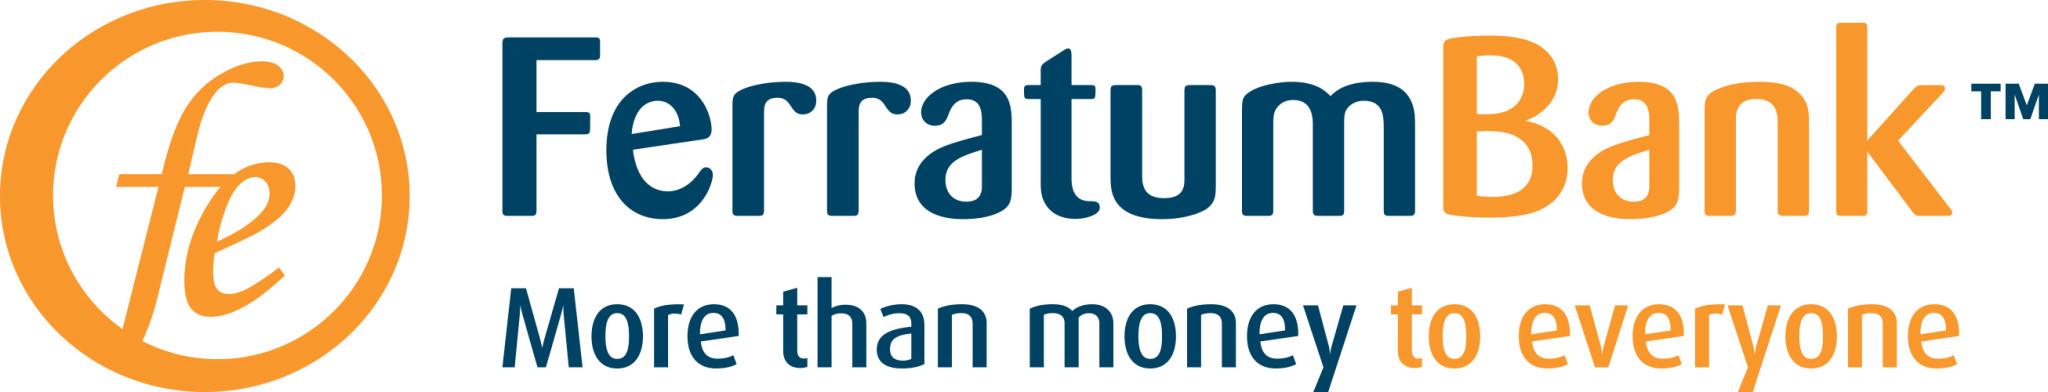 Ferratum Bank Malta